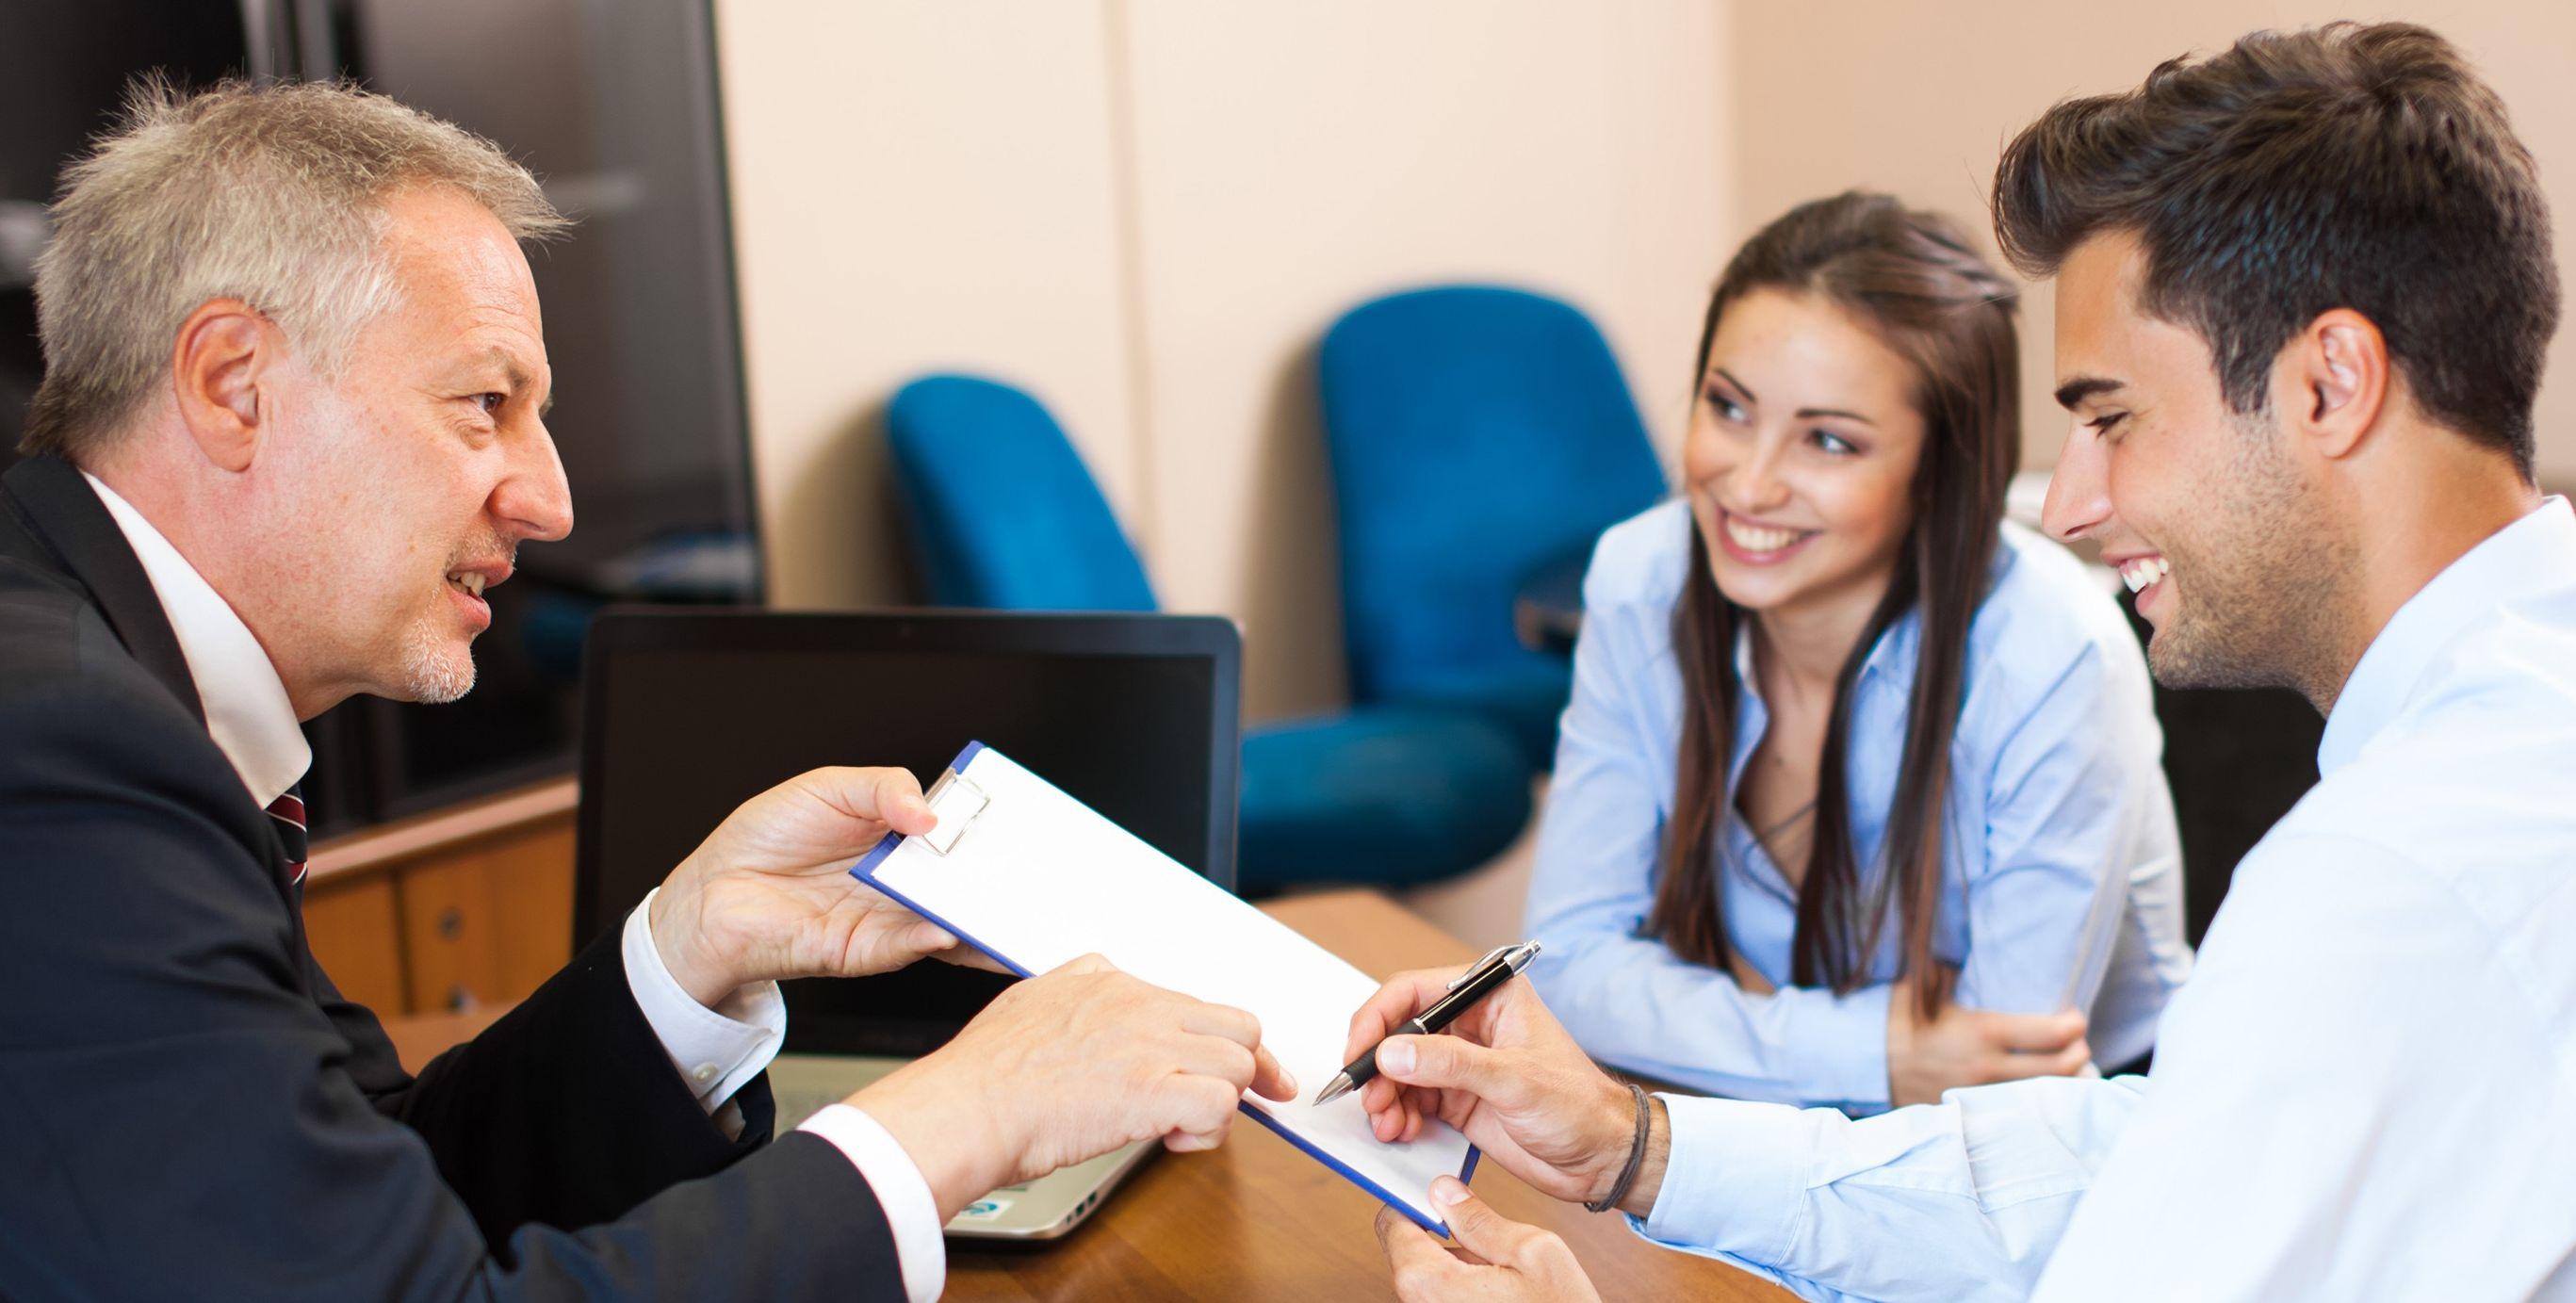 Hacer un leasing es más fácil de lo que te imaginas y tiene varios beneficios que te van a encantar